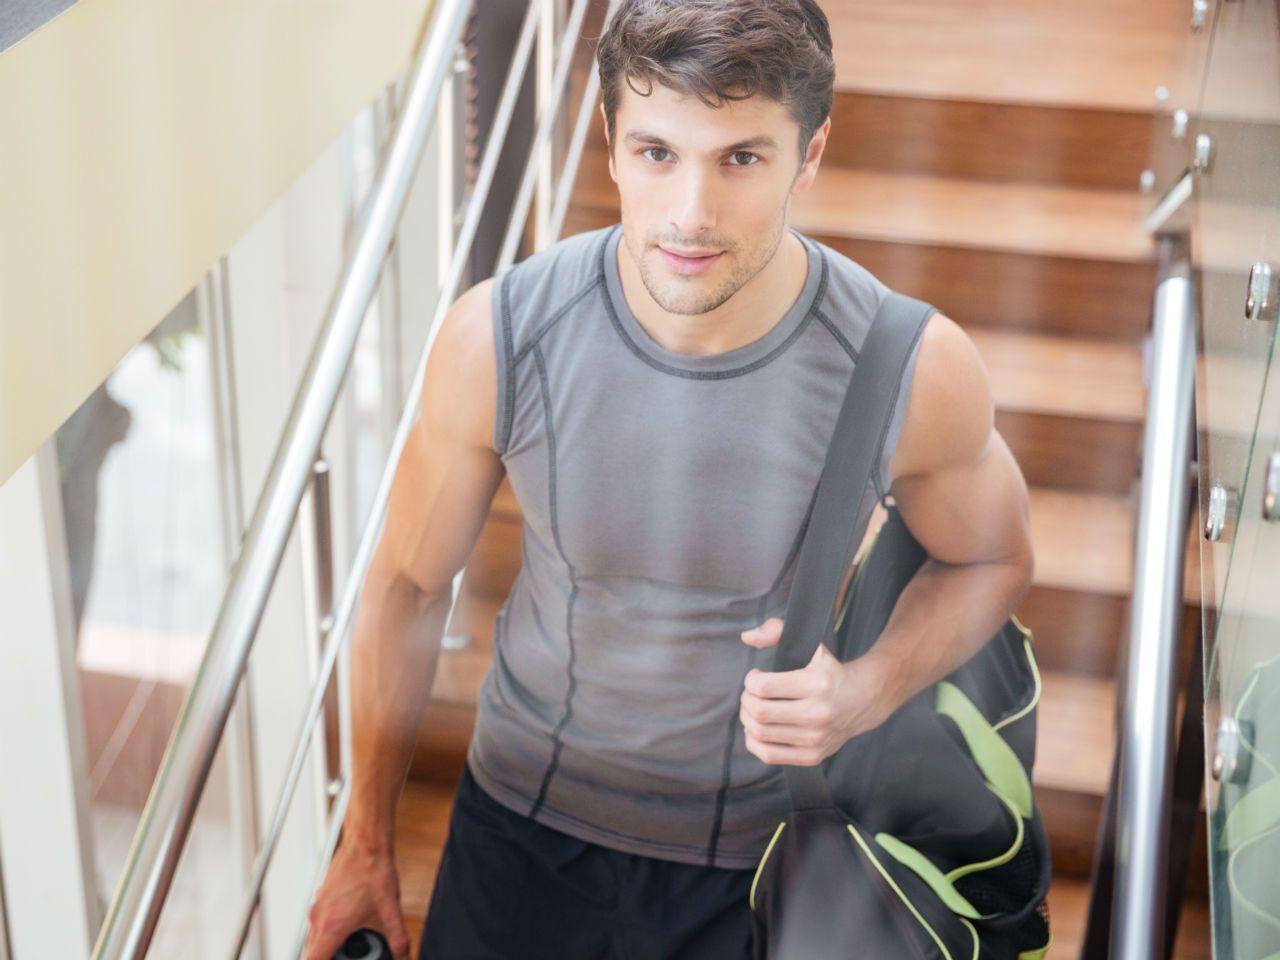 Strój na siłownię męski. W co ubrać się na trening? Blog